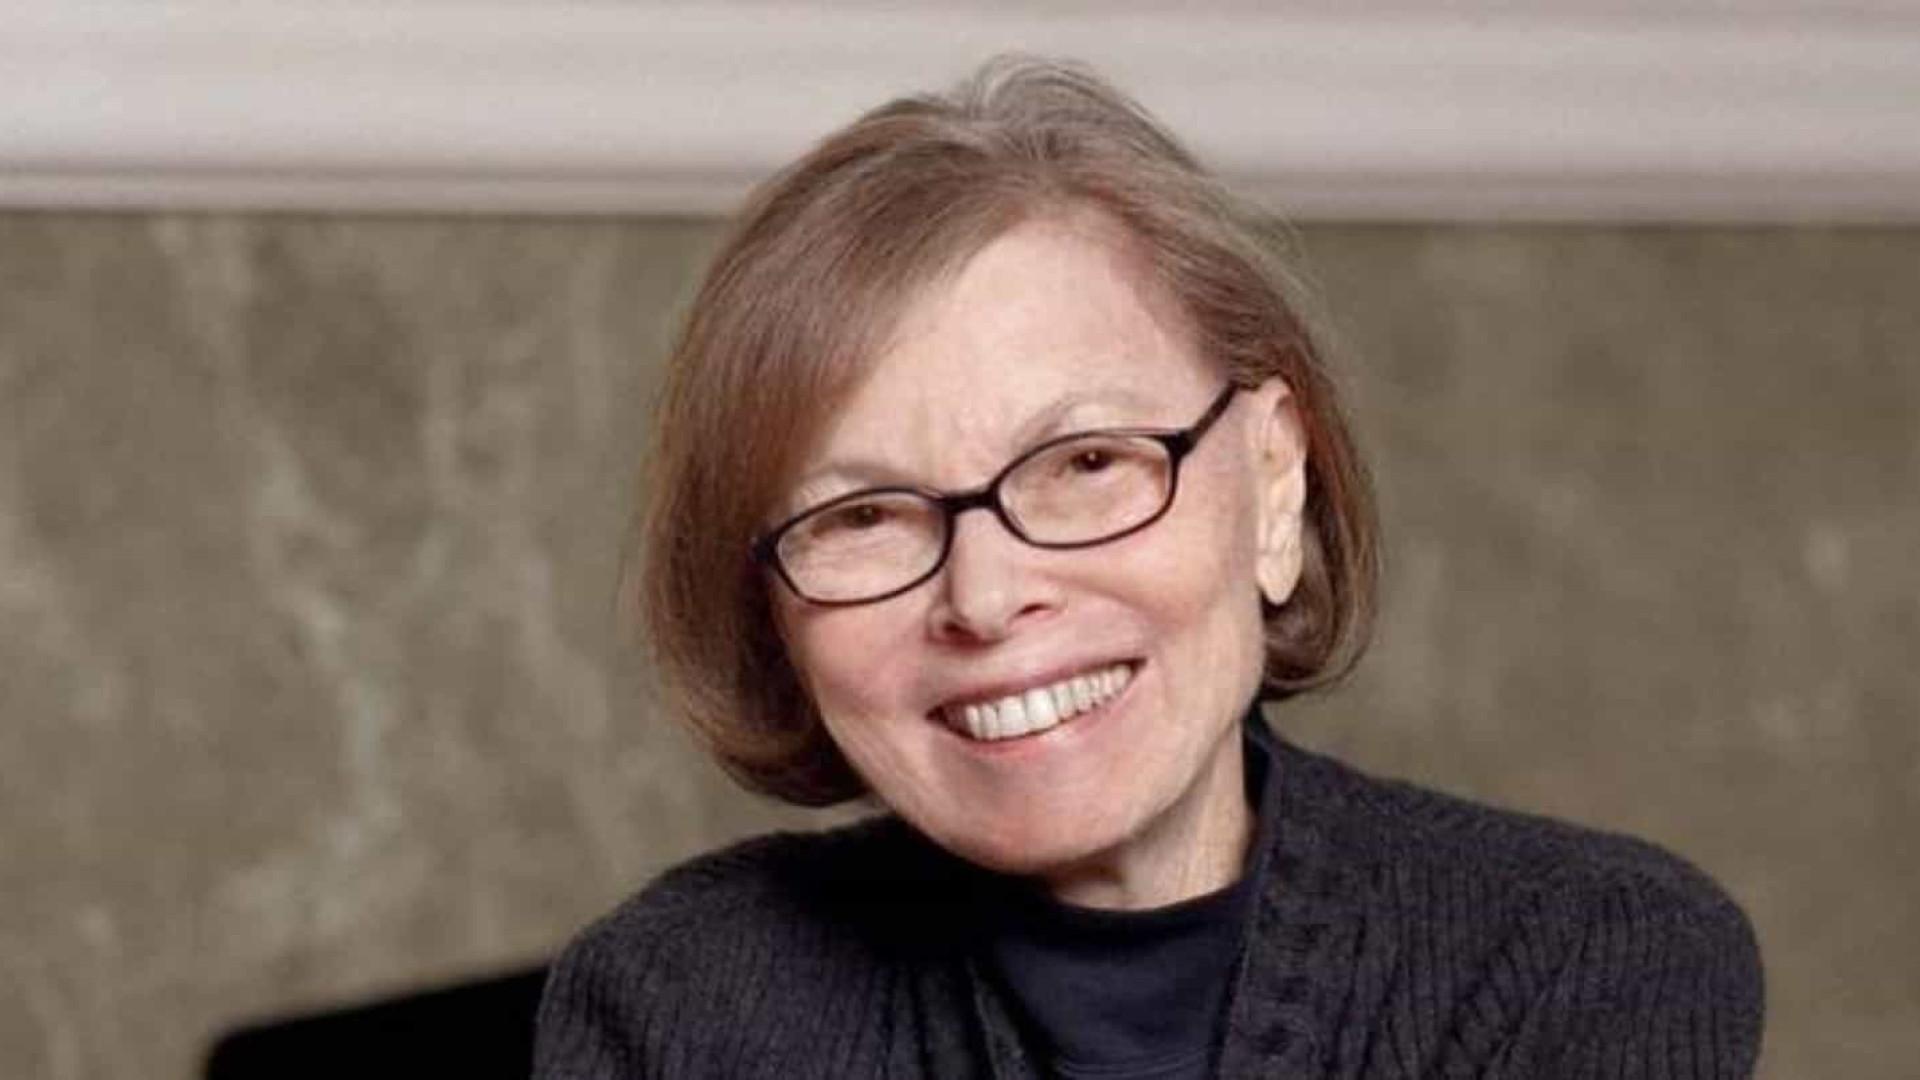 Morre Janet Malcolm, um dos maiores nomes do jornalismo, aos 86 anos